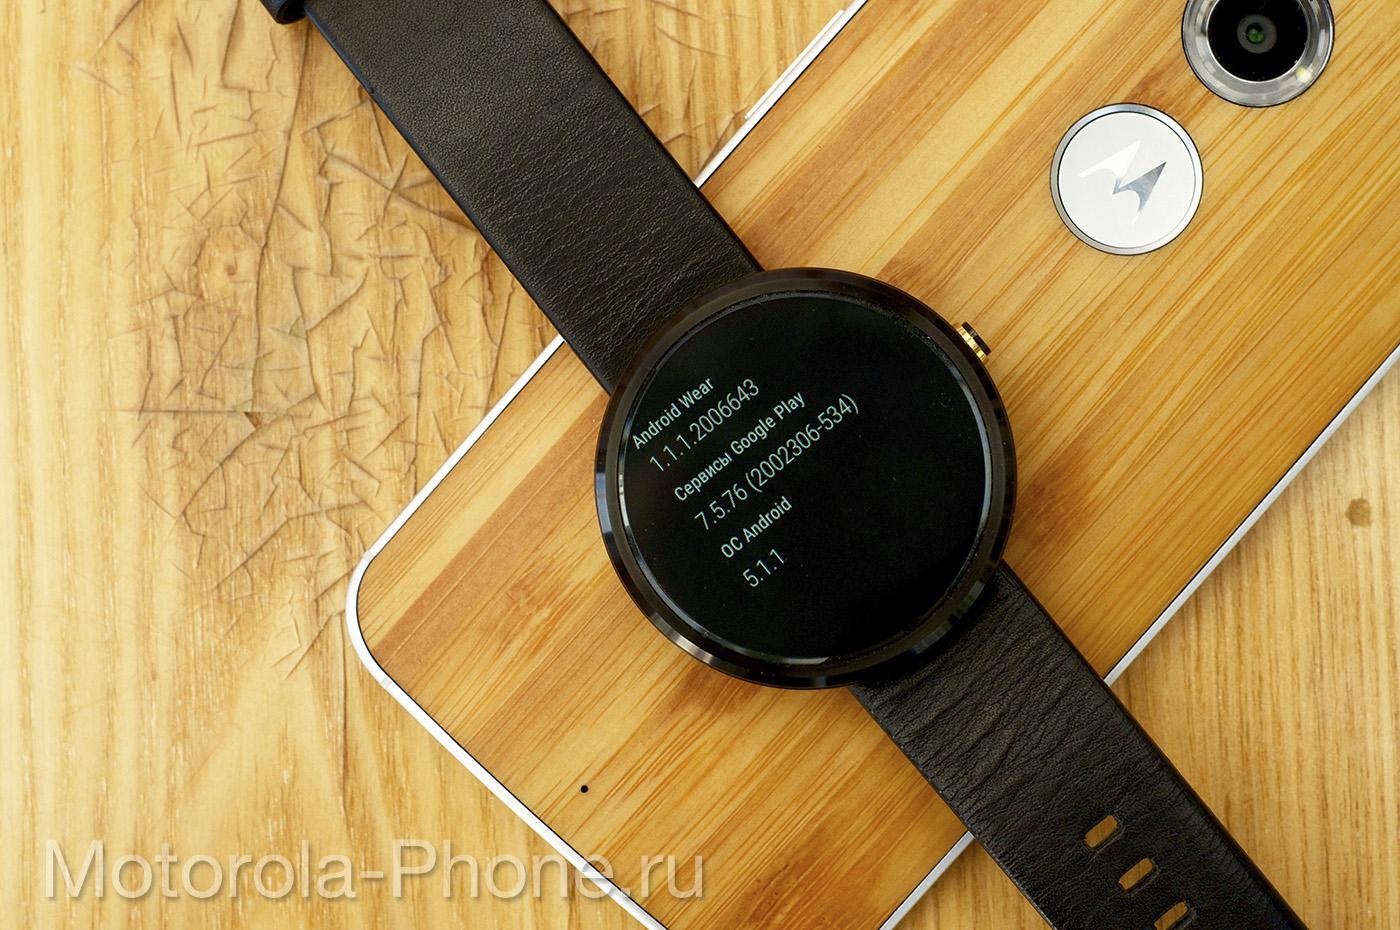 Motorola-Moto-360-Android-Wear-5-1-05 copy